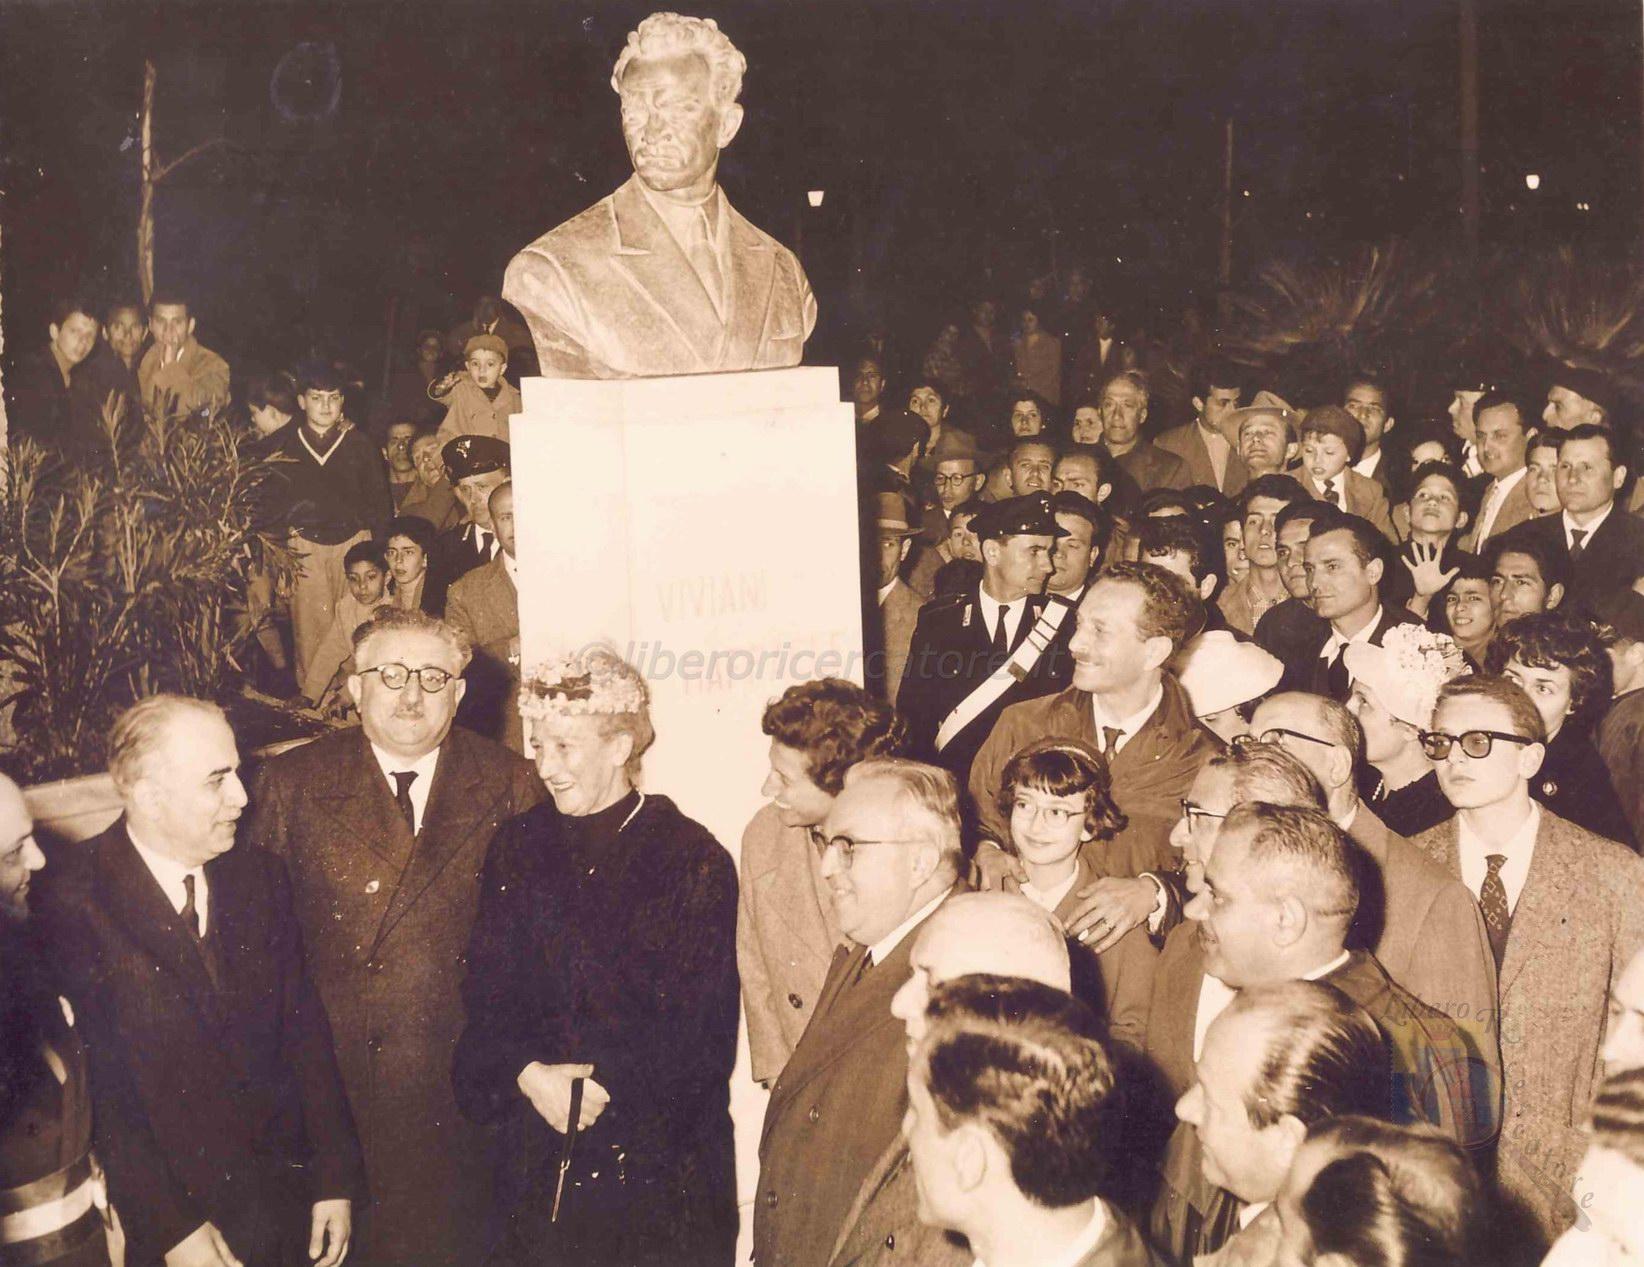 Inaugurazione del busto di Viviani (coll. Gaetano Fontana)